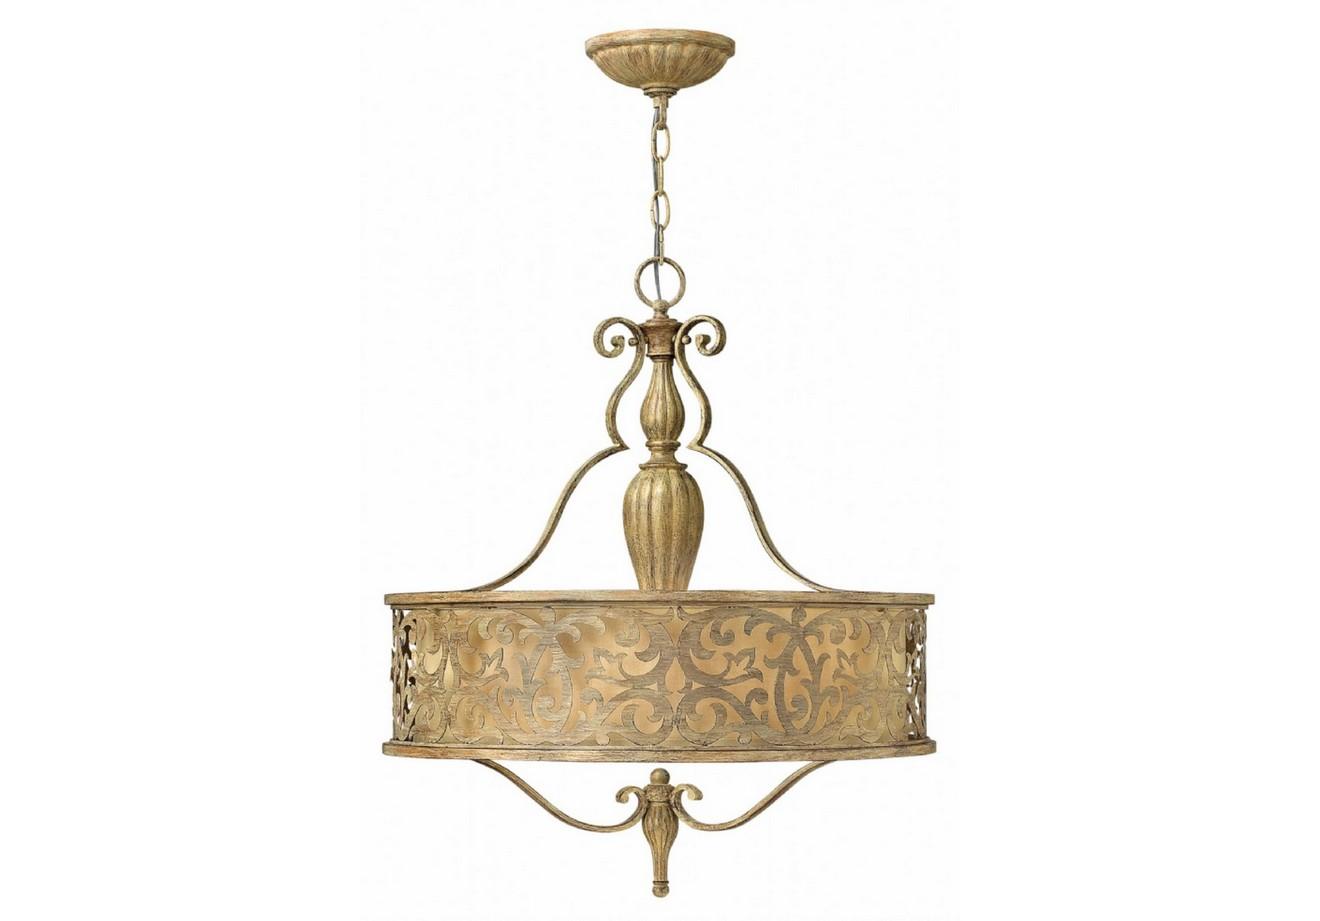 Люстра CARABELПодвесные светильники<br>&amp;lt;div&amp;gt;Высота регулируется до 374 см&amp;lt;/div&amp;gt;&amp;lt;div&amp;gt;Материалы: металл, ткань, стекло&amp;lt;/div&amp;gt;&amp;lt;div&amp;gt;Вид цоколя: Е27&amp;lt;/div&amp;gt;&amp;lt;div&amp;gt;Мощность цоколя: 100W&amp;lt;/div&amp;gt;&amp;lt;div&amp;gt;Количество ламп: 3&amp;lt;/div&amp;gt;&amp;lt;div&amp;gt;Наличие ламп: нет&amp;lt;/div&amp;gt;<br><br>Material: Металл<br>Height см: 59,7<br>Diameter см: 53,3